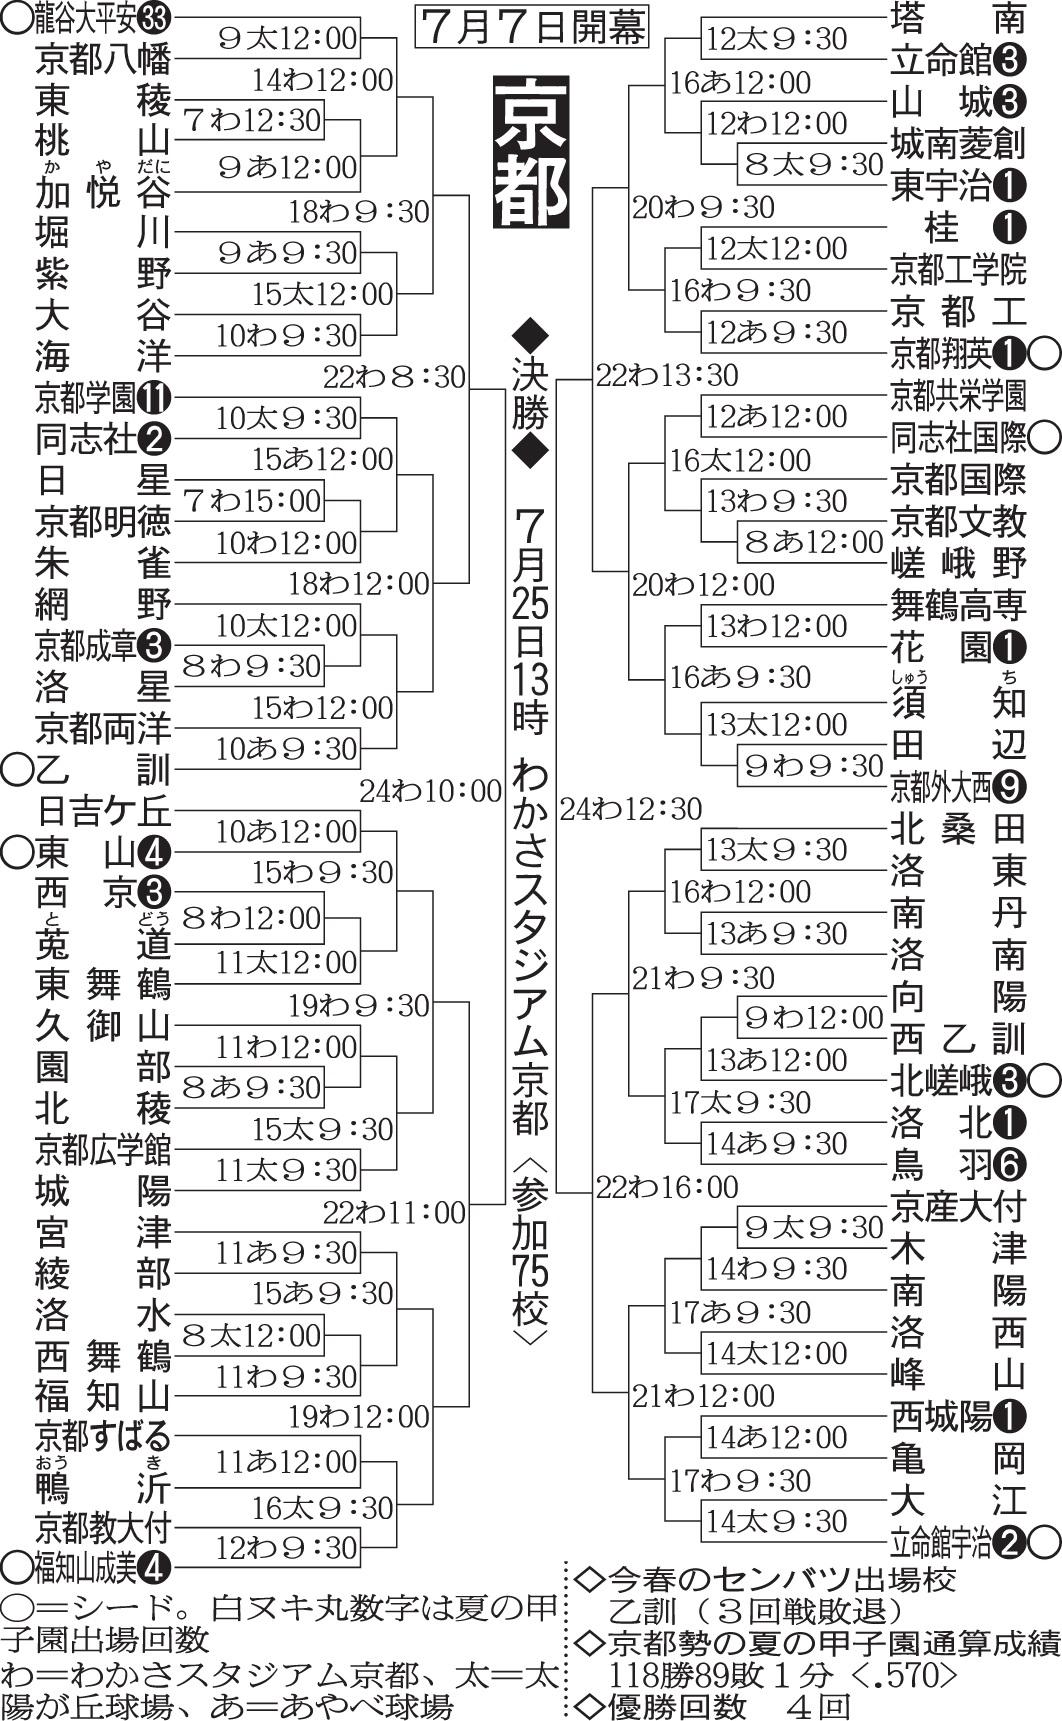 第100回全国高等学校野球選手権記念大会:京都府